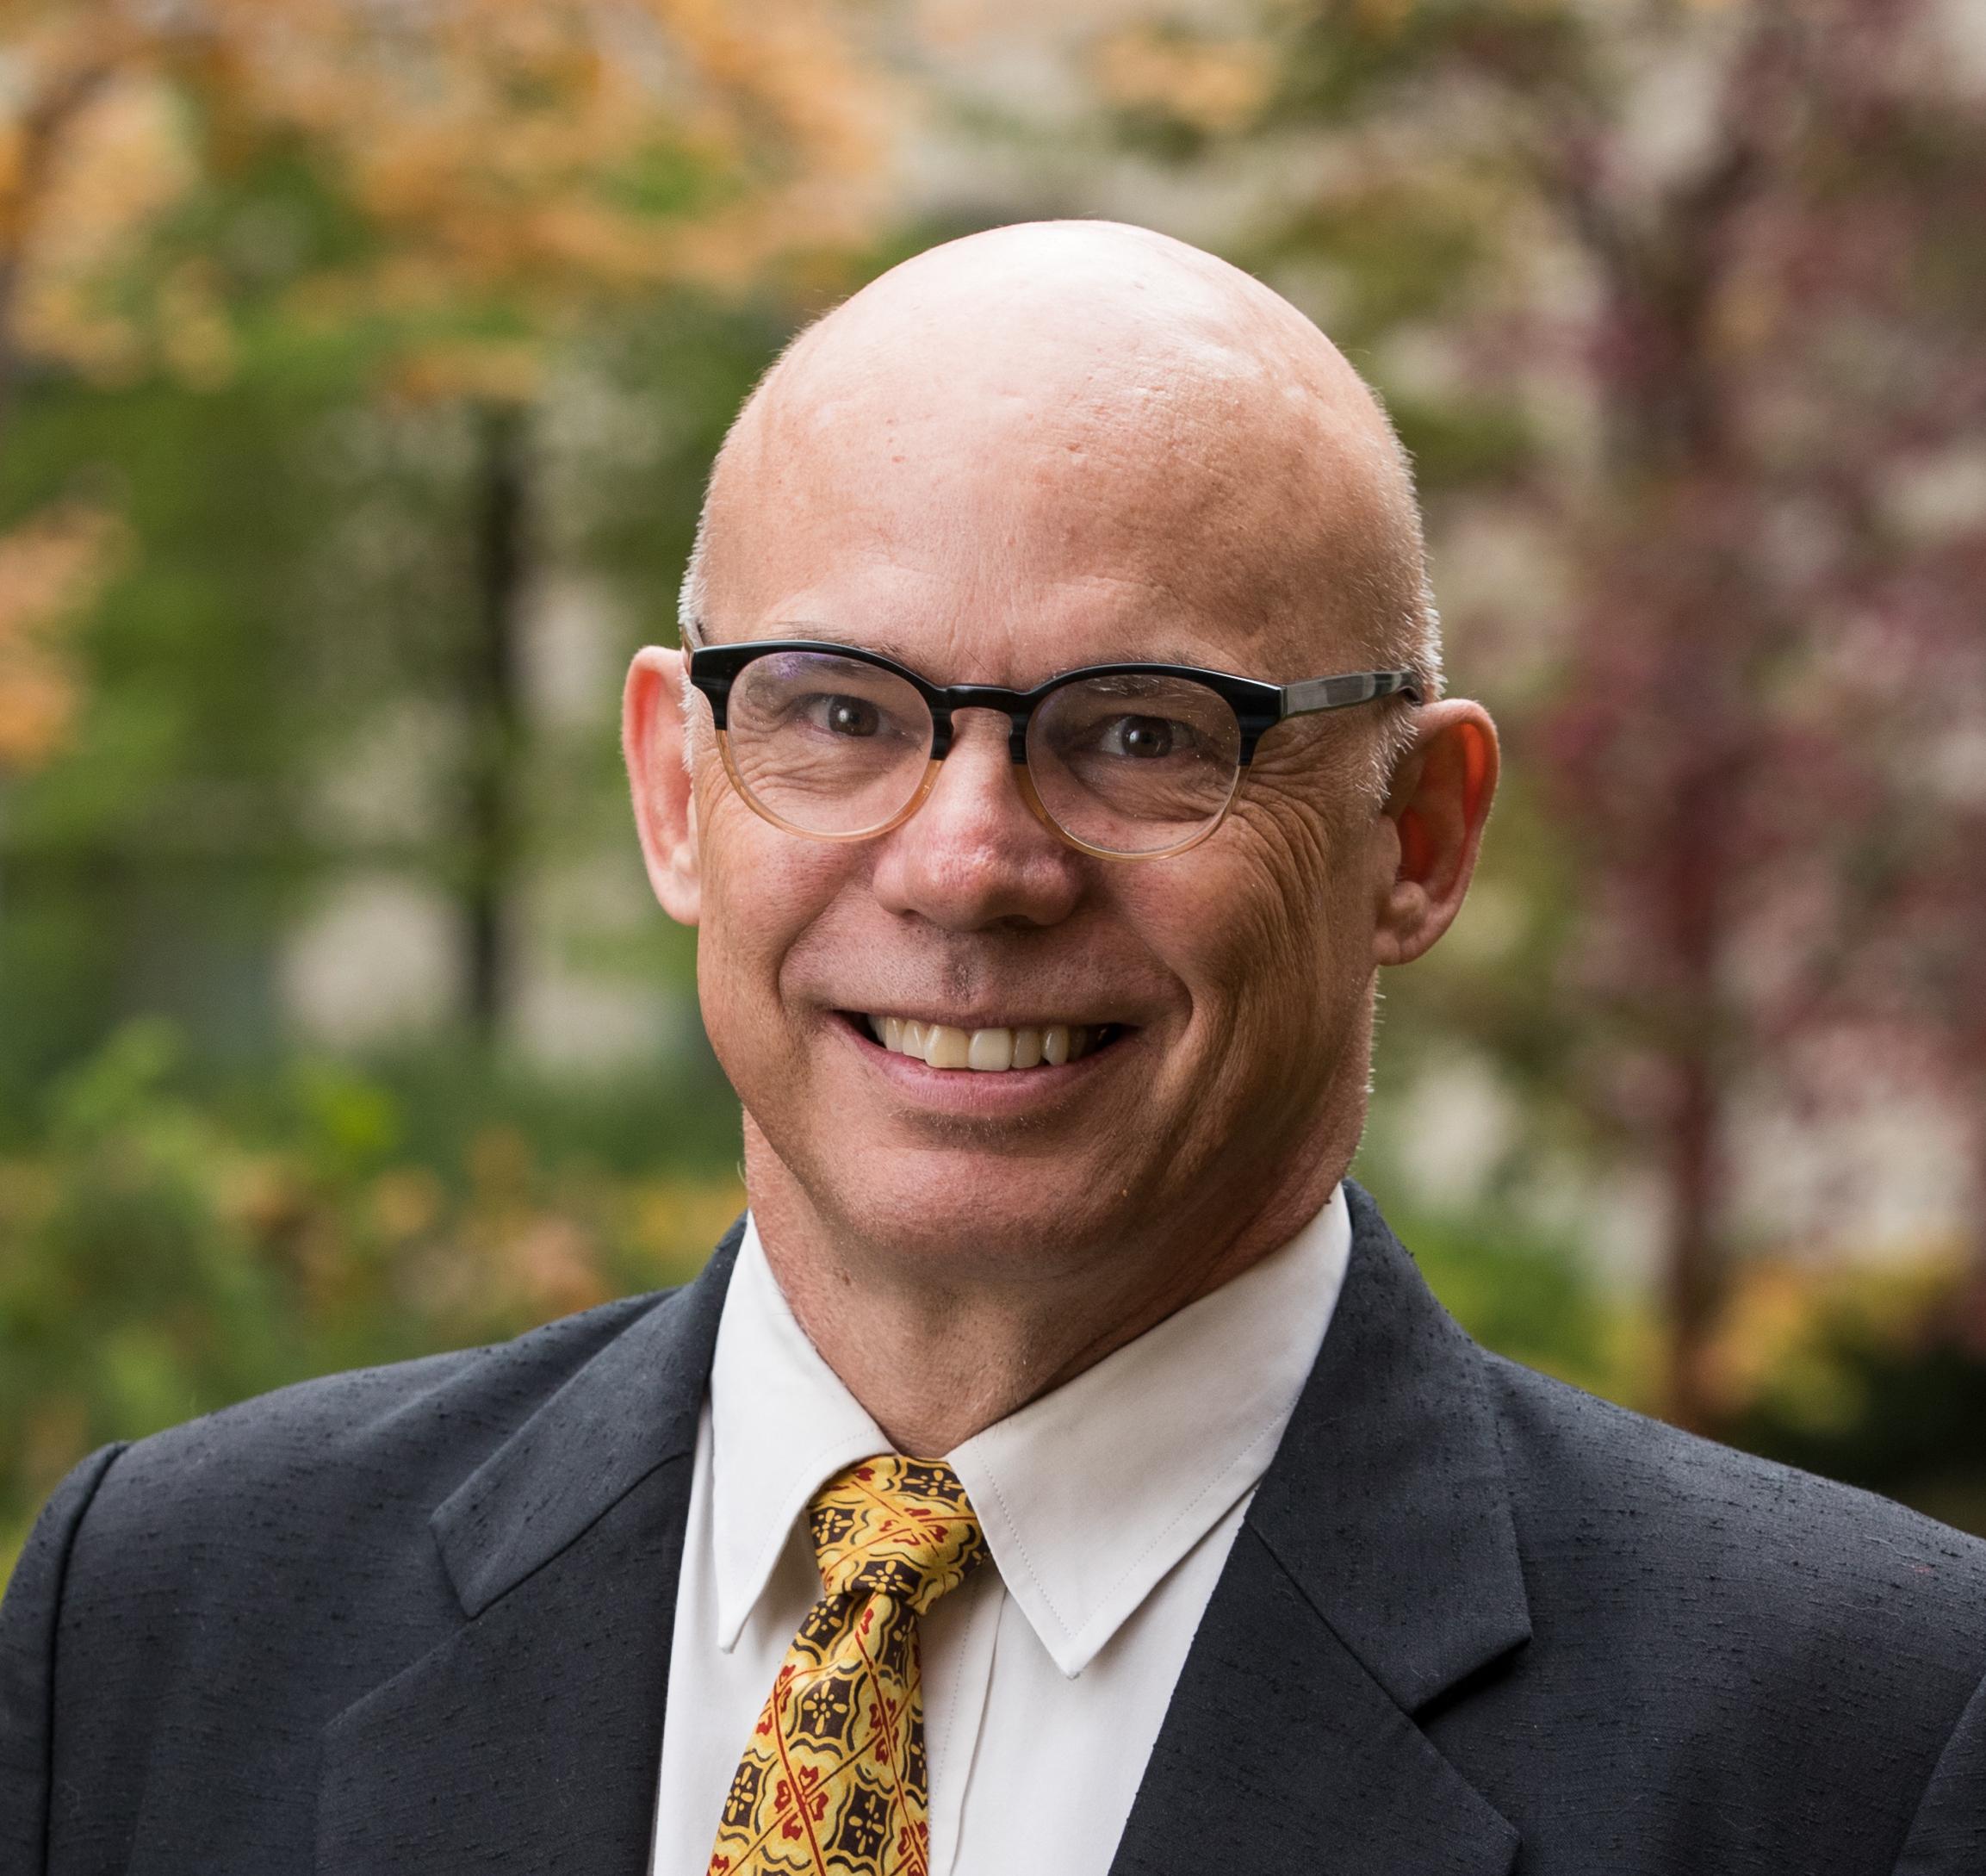 Dana Scott Bourgerie